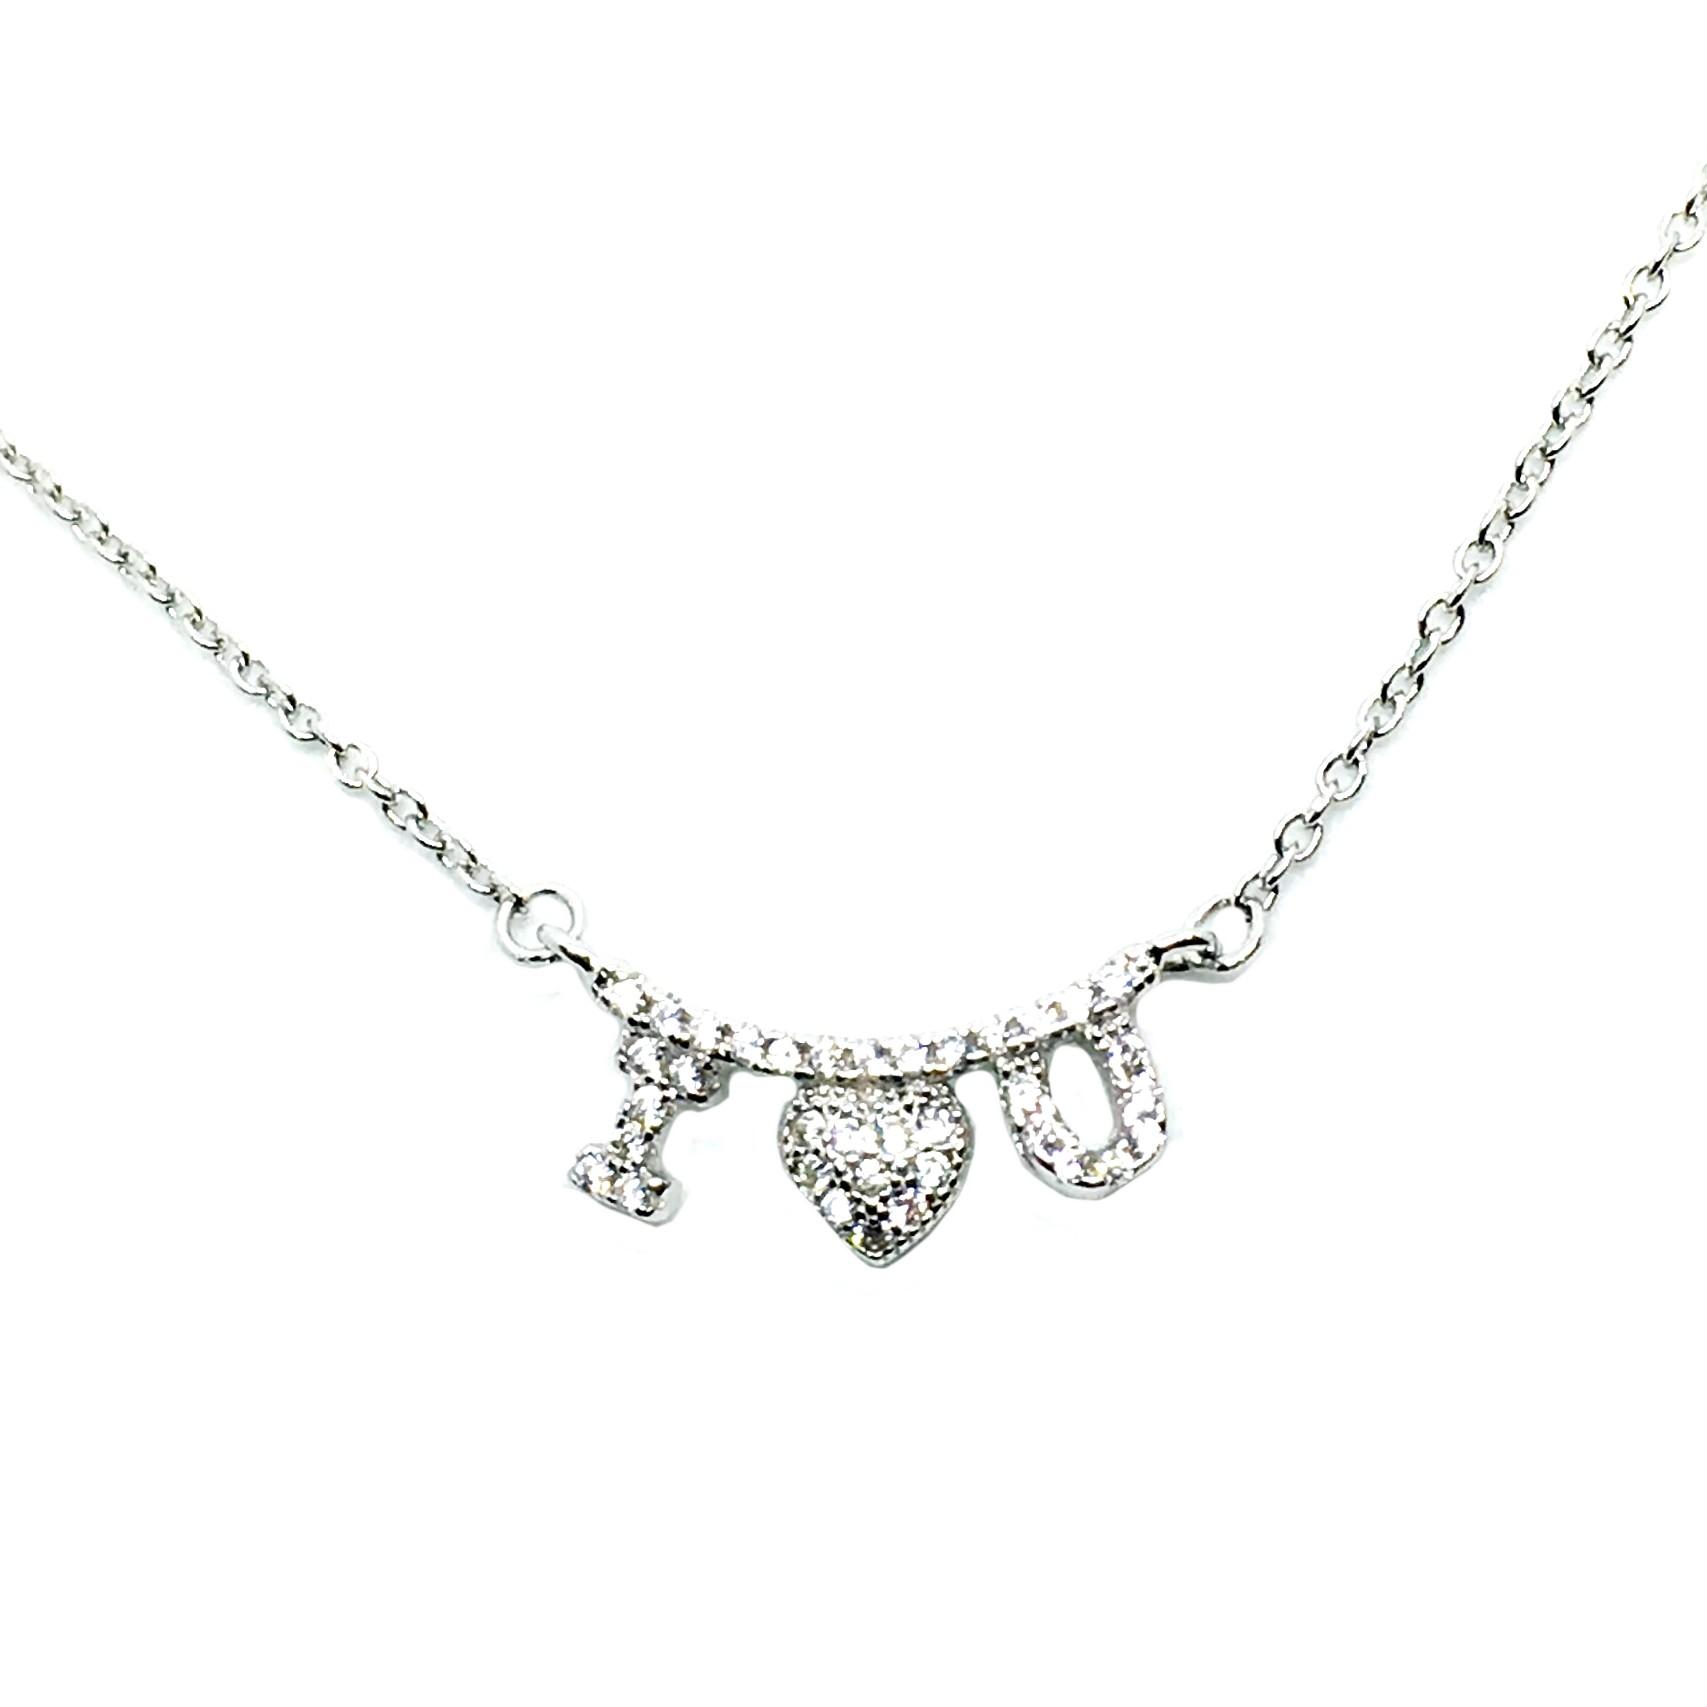 423de83dab84 Gargantilla de plata i love you colgante corazón flecha especial san  valentín enamorados joyería juan luis